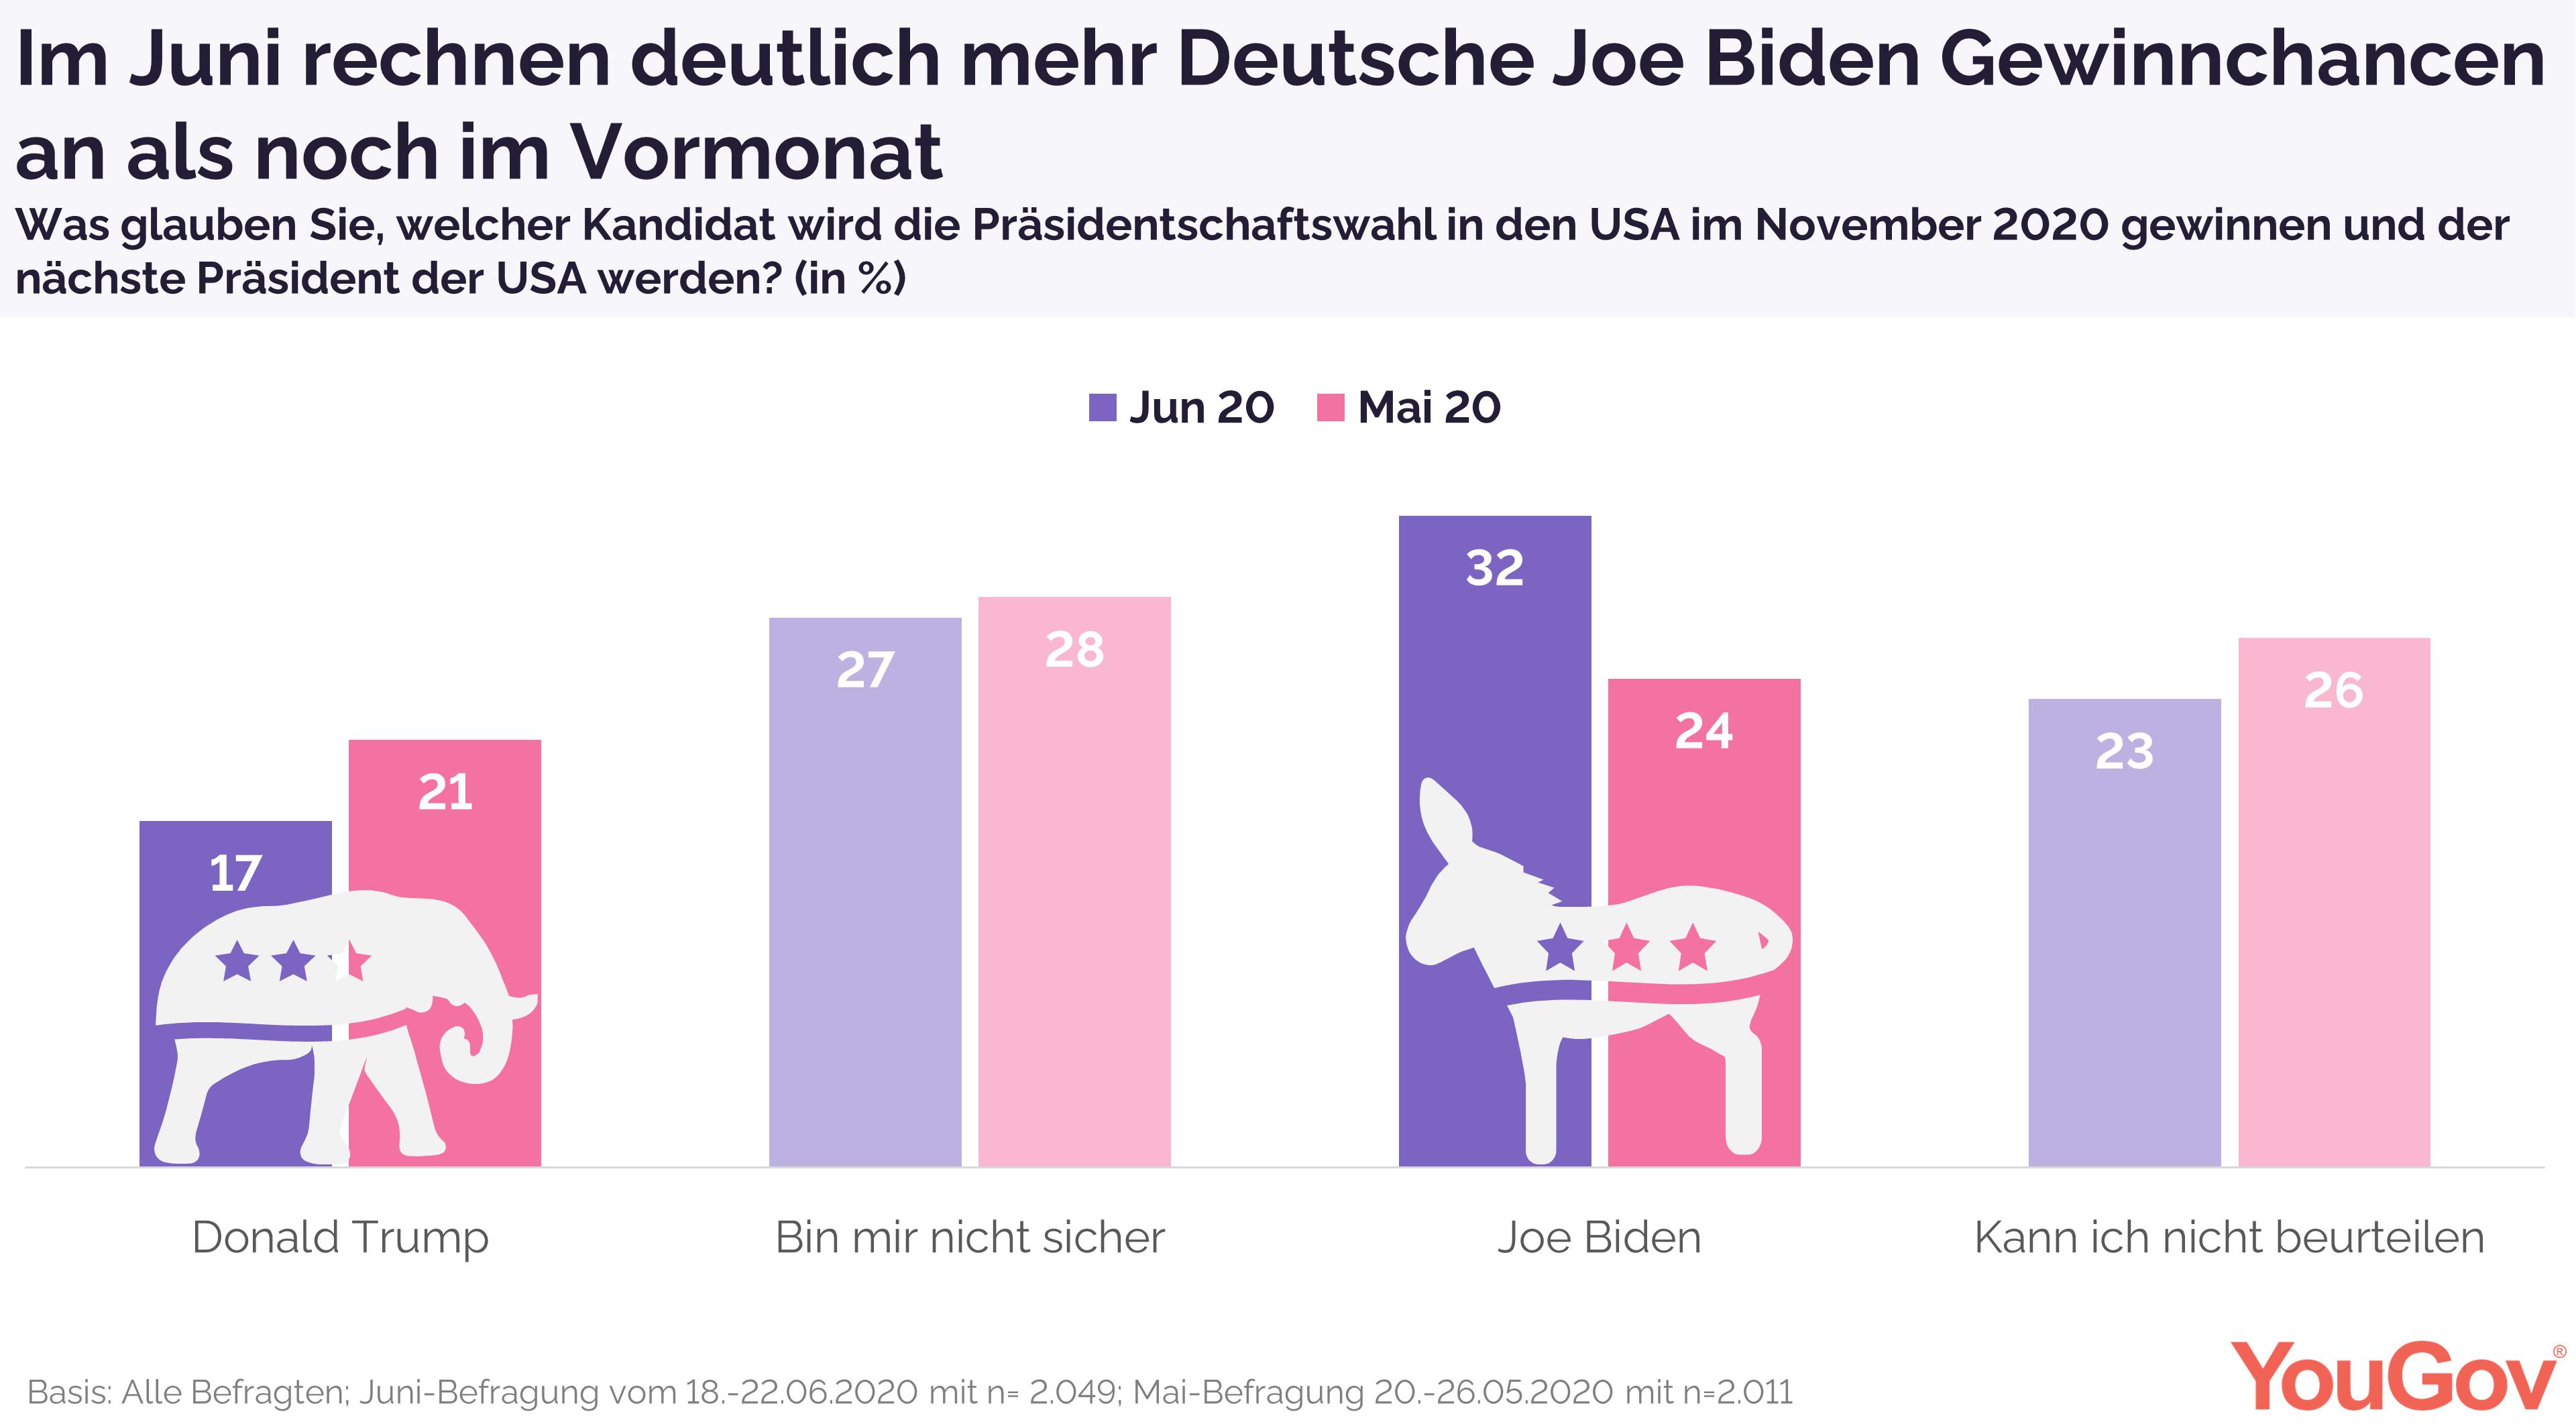 Biden mit mehr Gewinnchancen aus Sicht der Deutschen